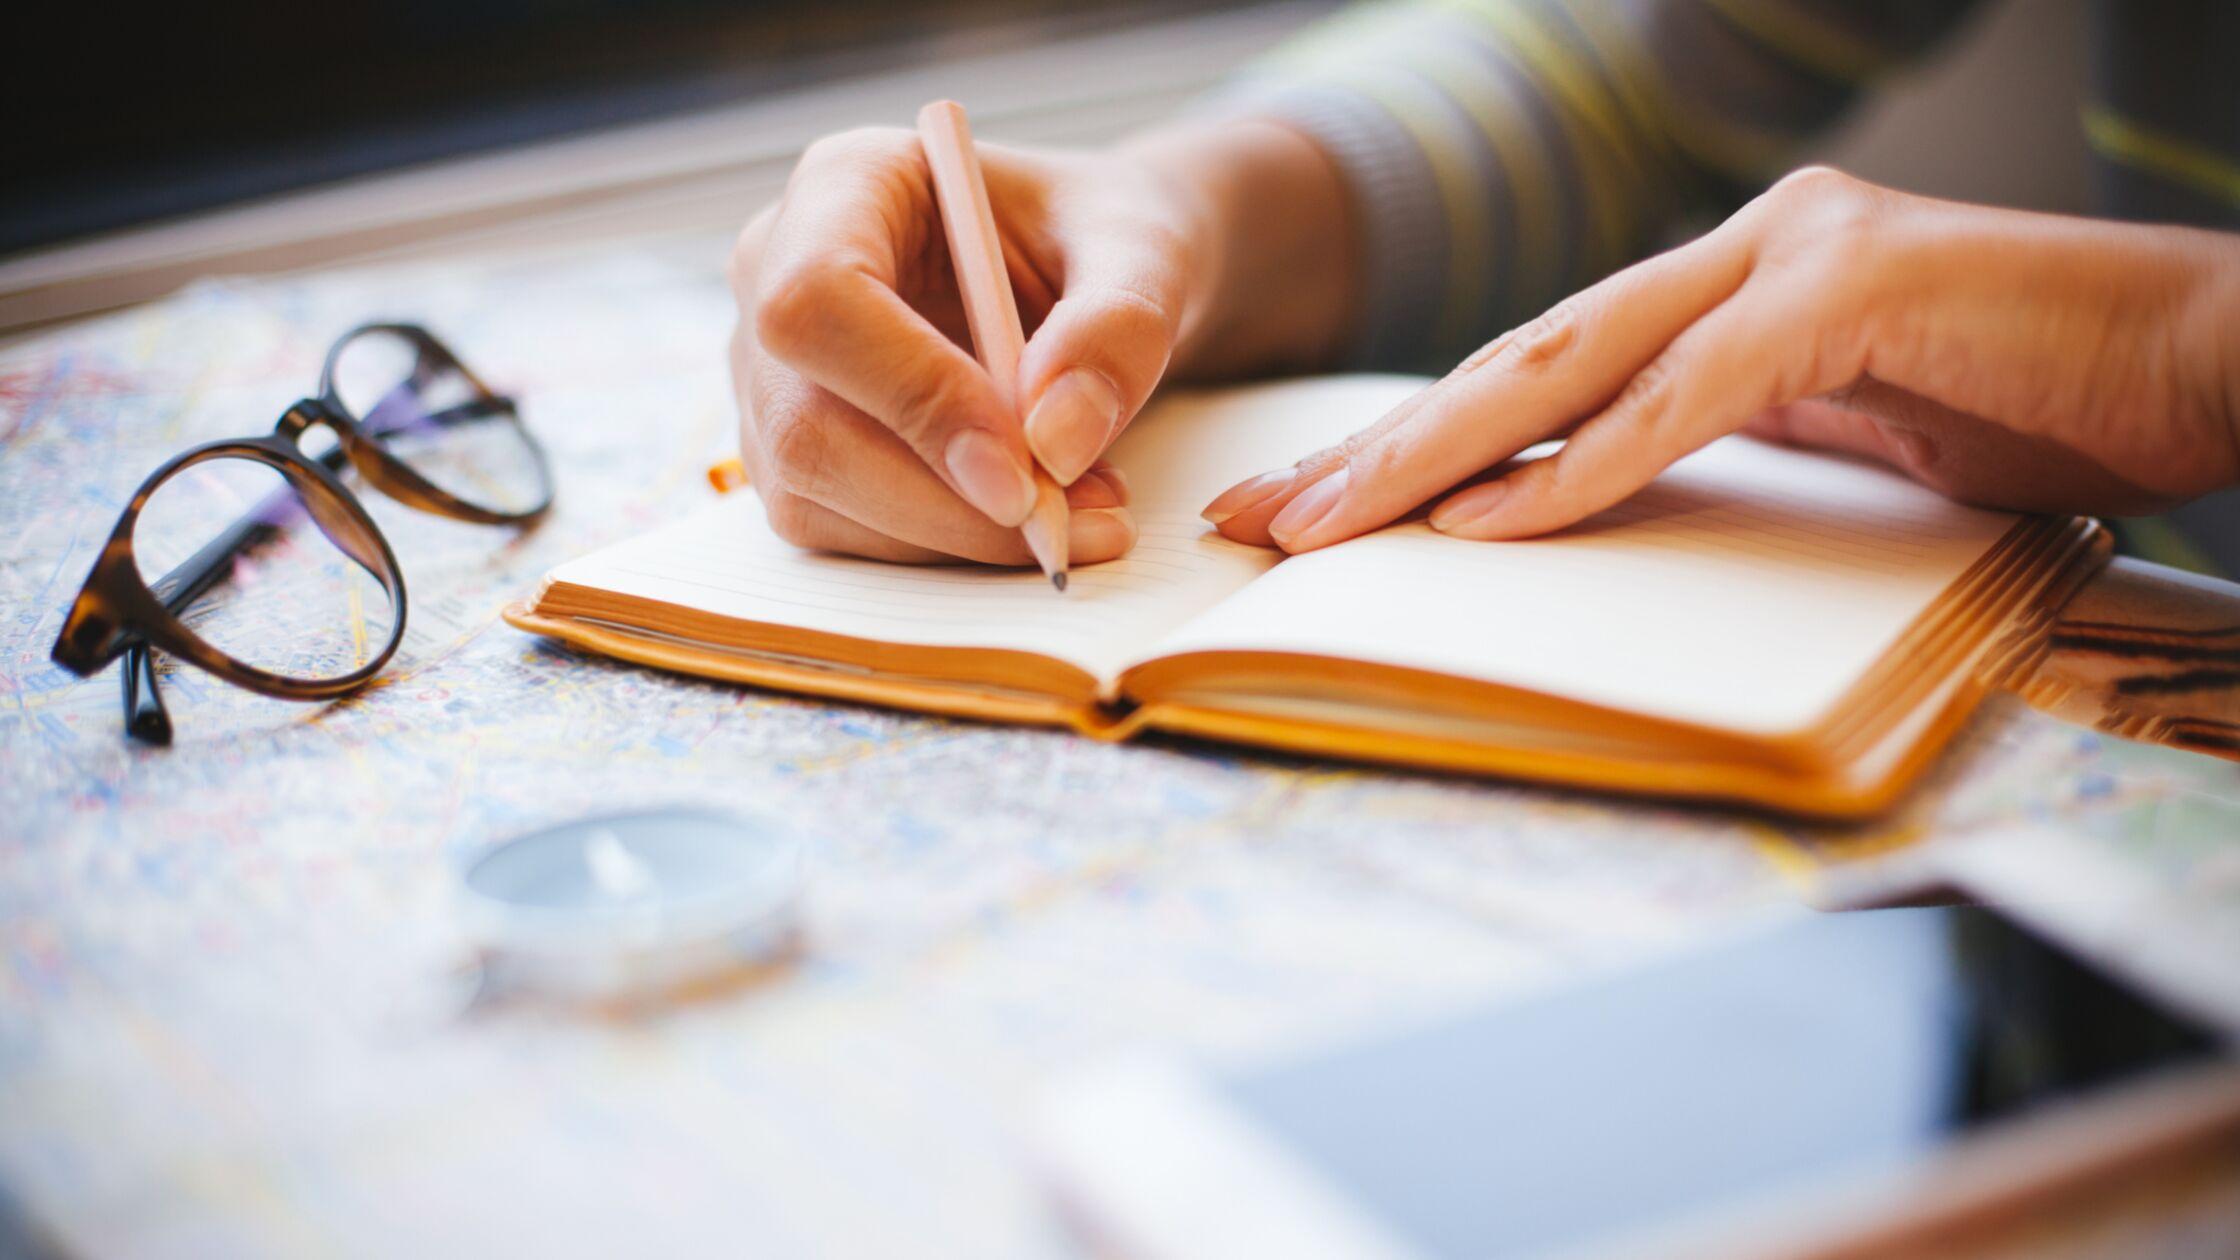 Hand schreibt etwas in ein Buch